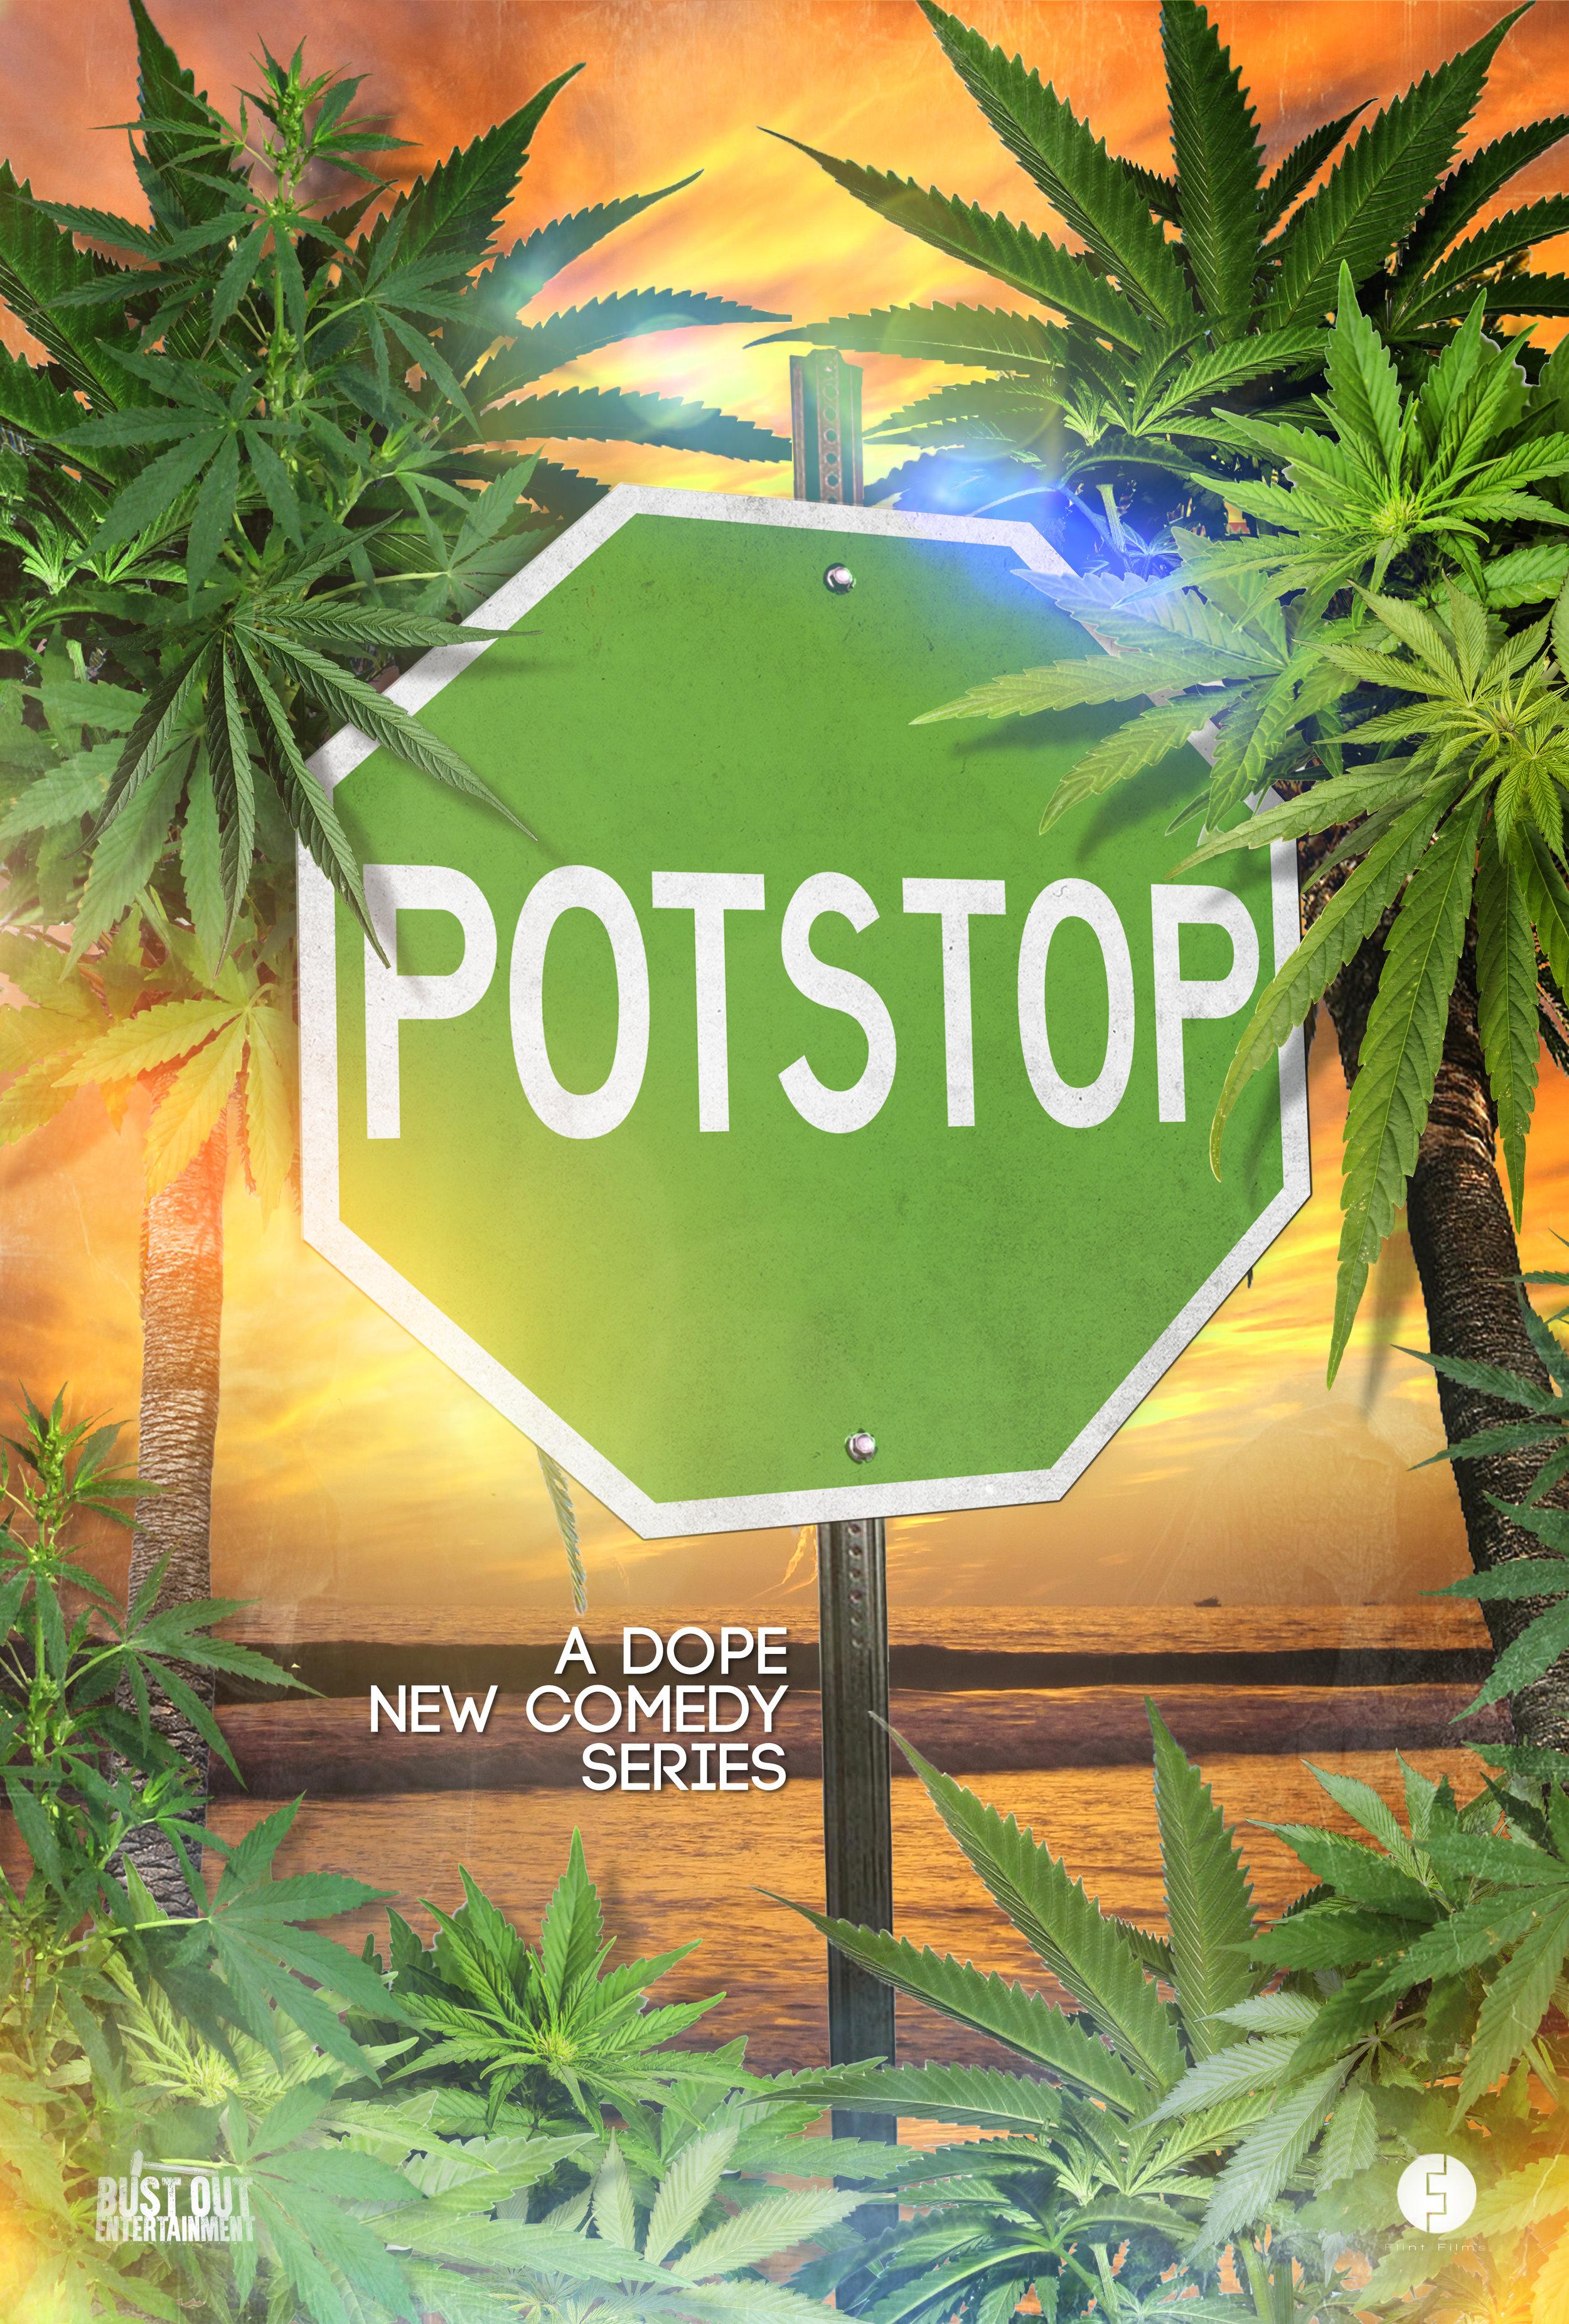 POTSTOP KEY ART WEED PALM TREES.jpg